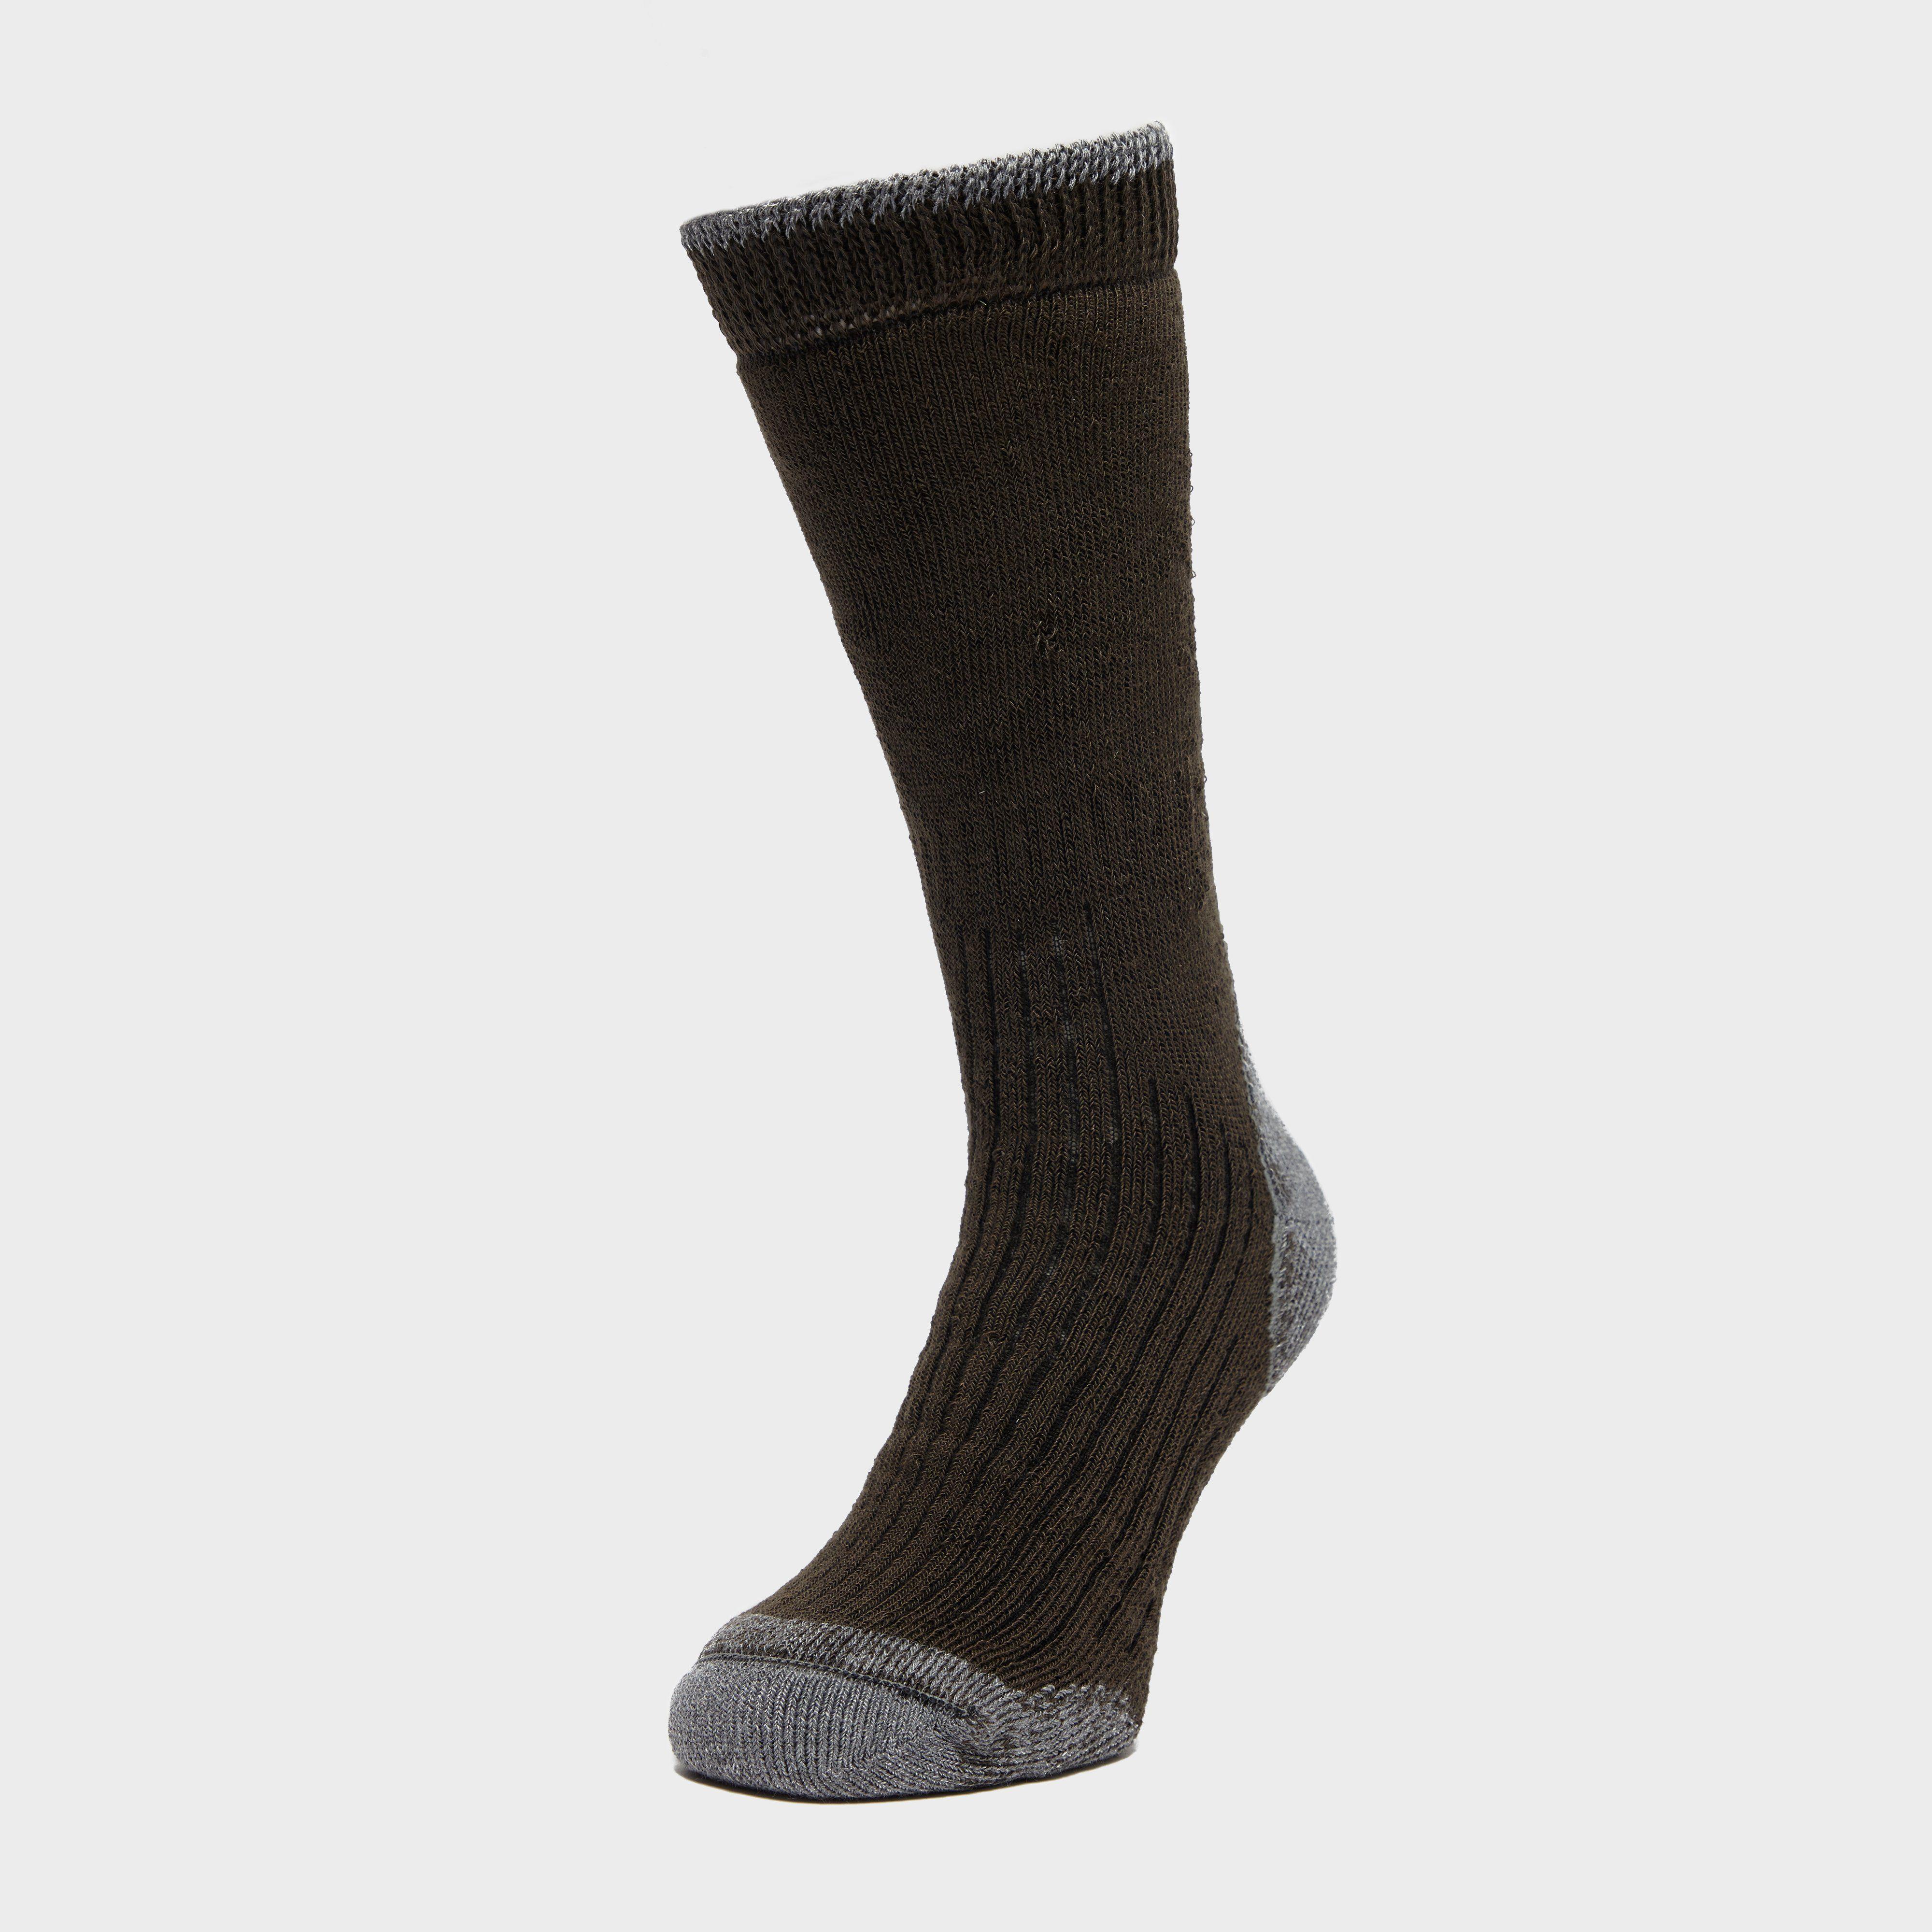 BRASHER Men's Hiker Socks